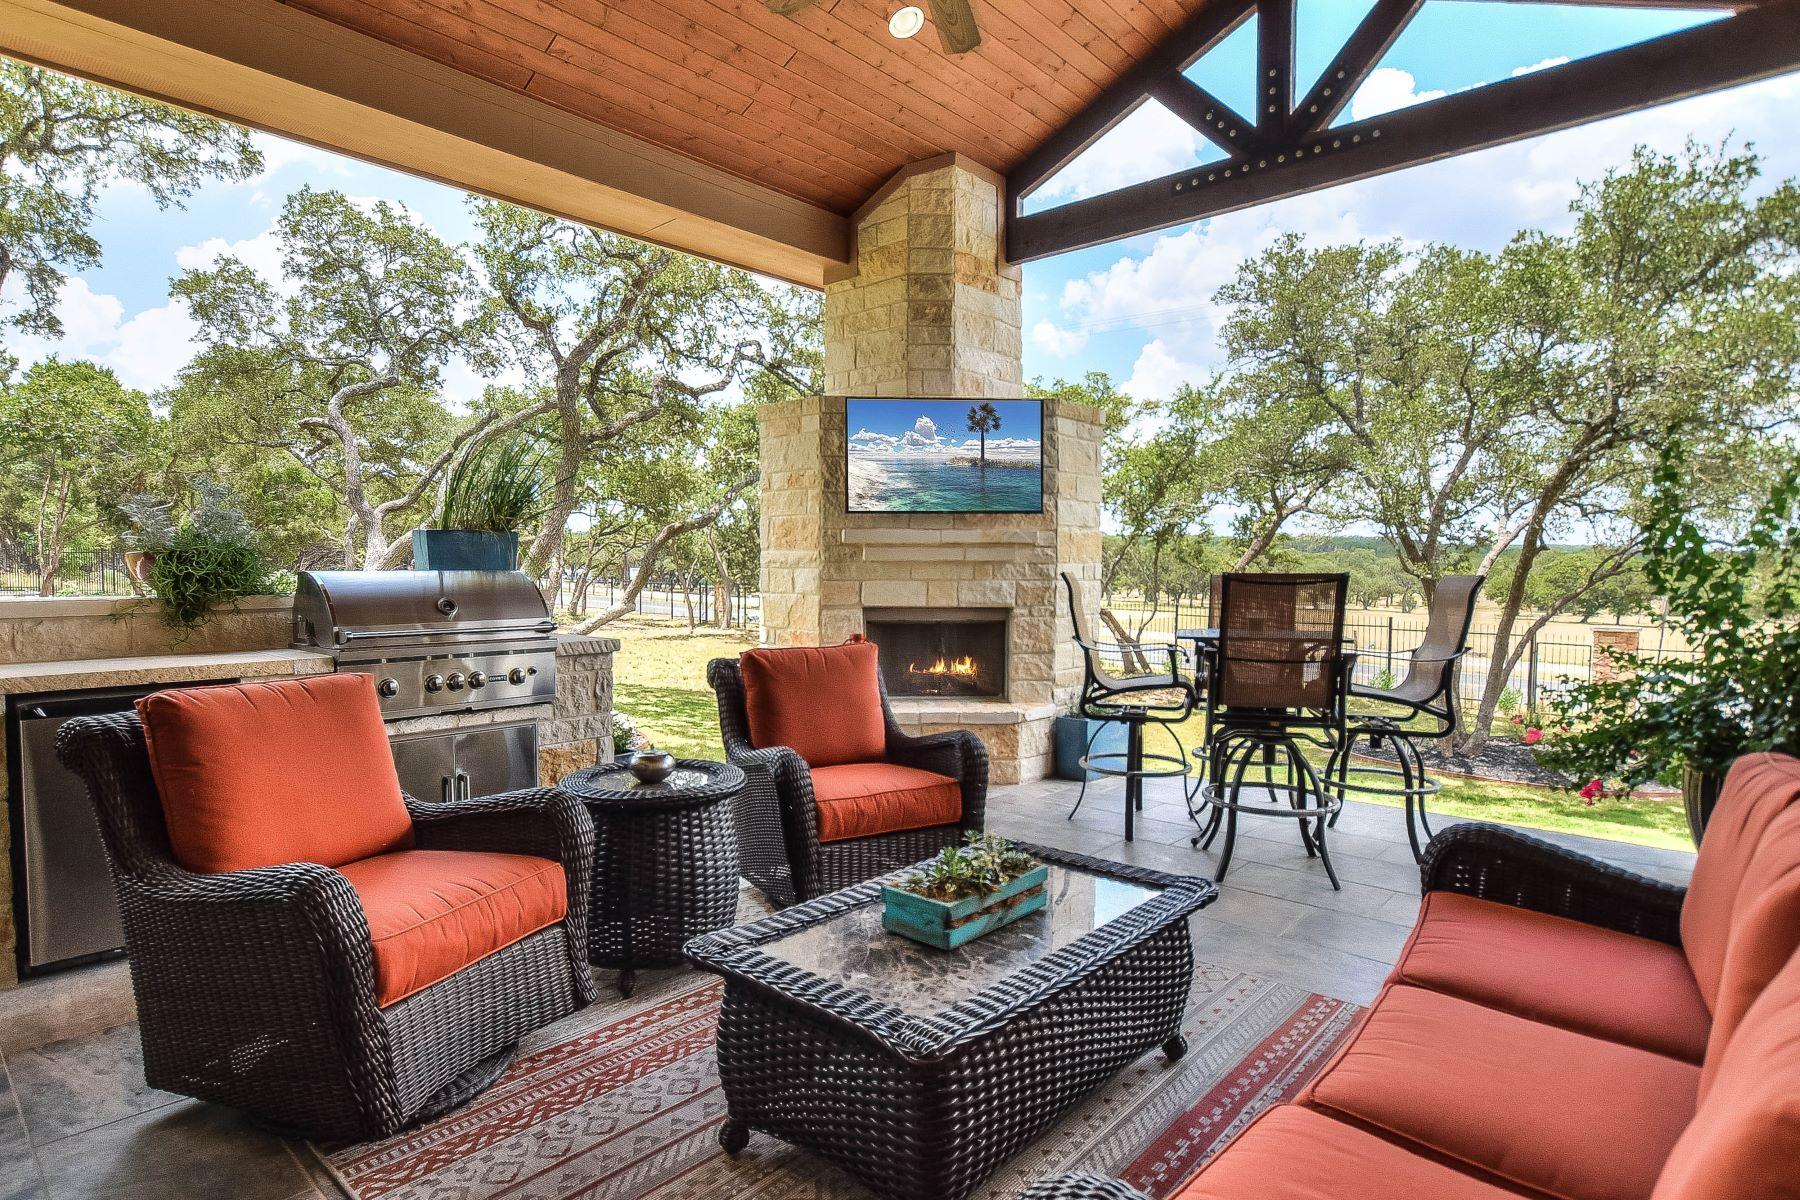 Single Family Home for Sale at Spacious Estate in Valencia 27631 San Portola San Antonio, Texas 78260 United States